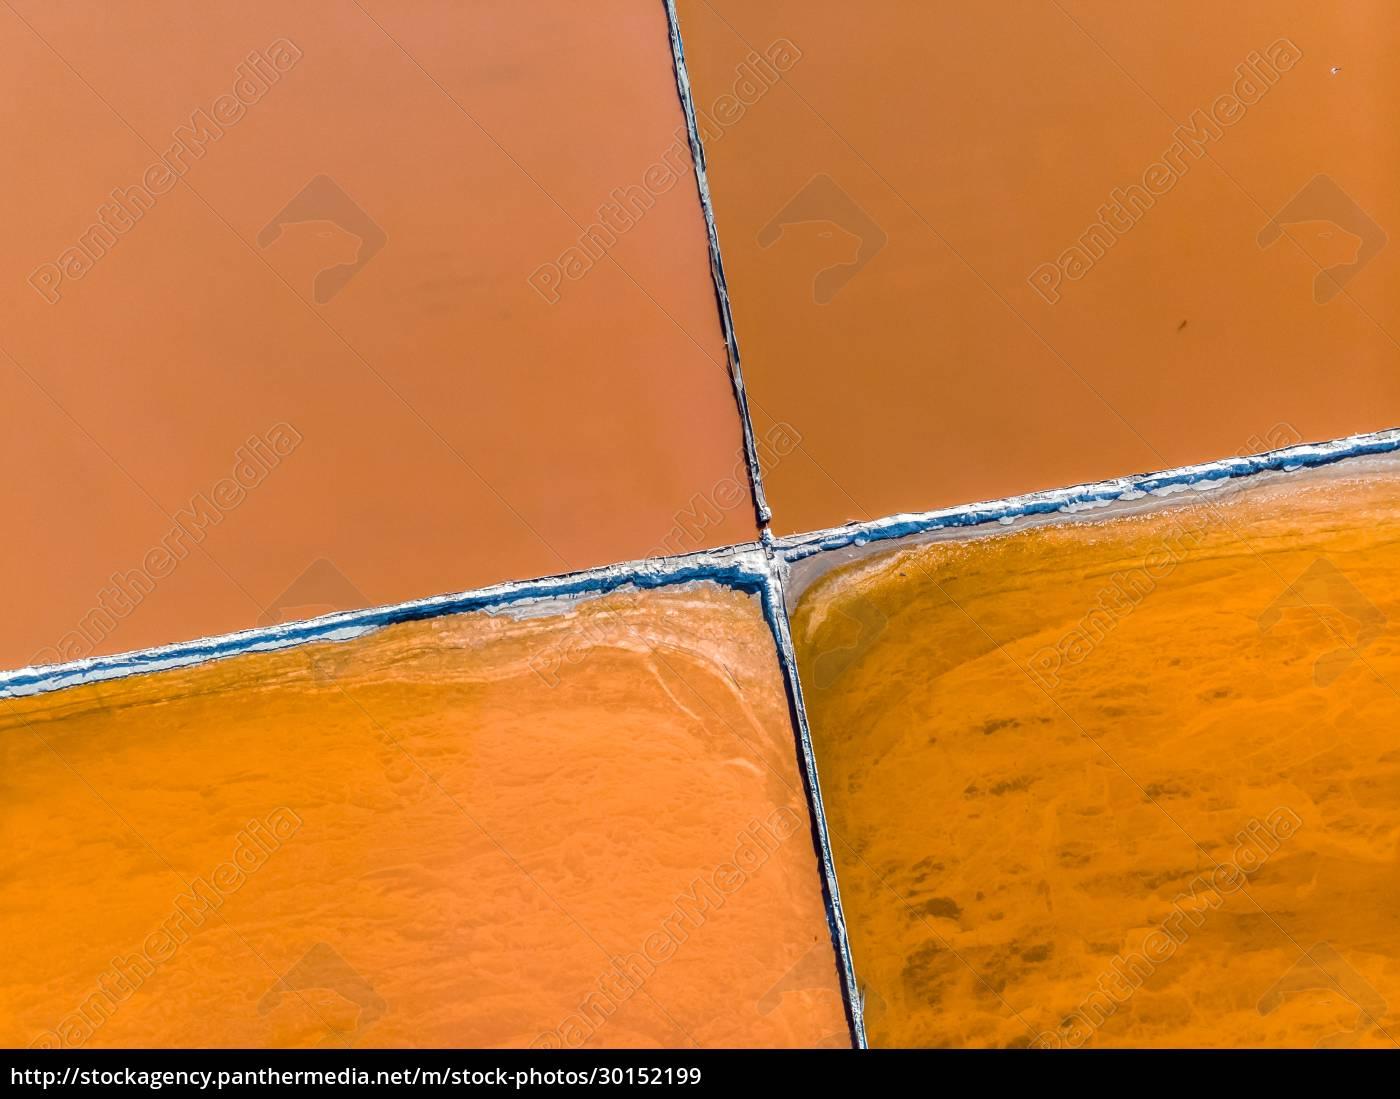 aerial, view, of, velddrift, salt, pan - 30152199